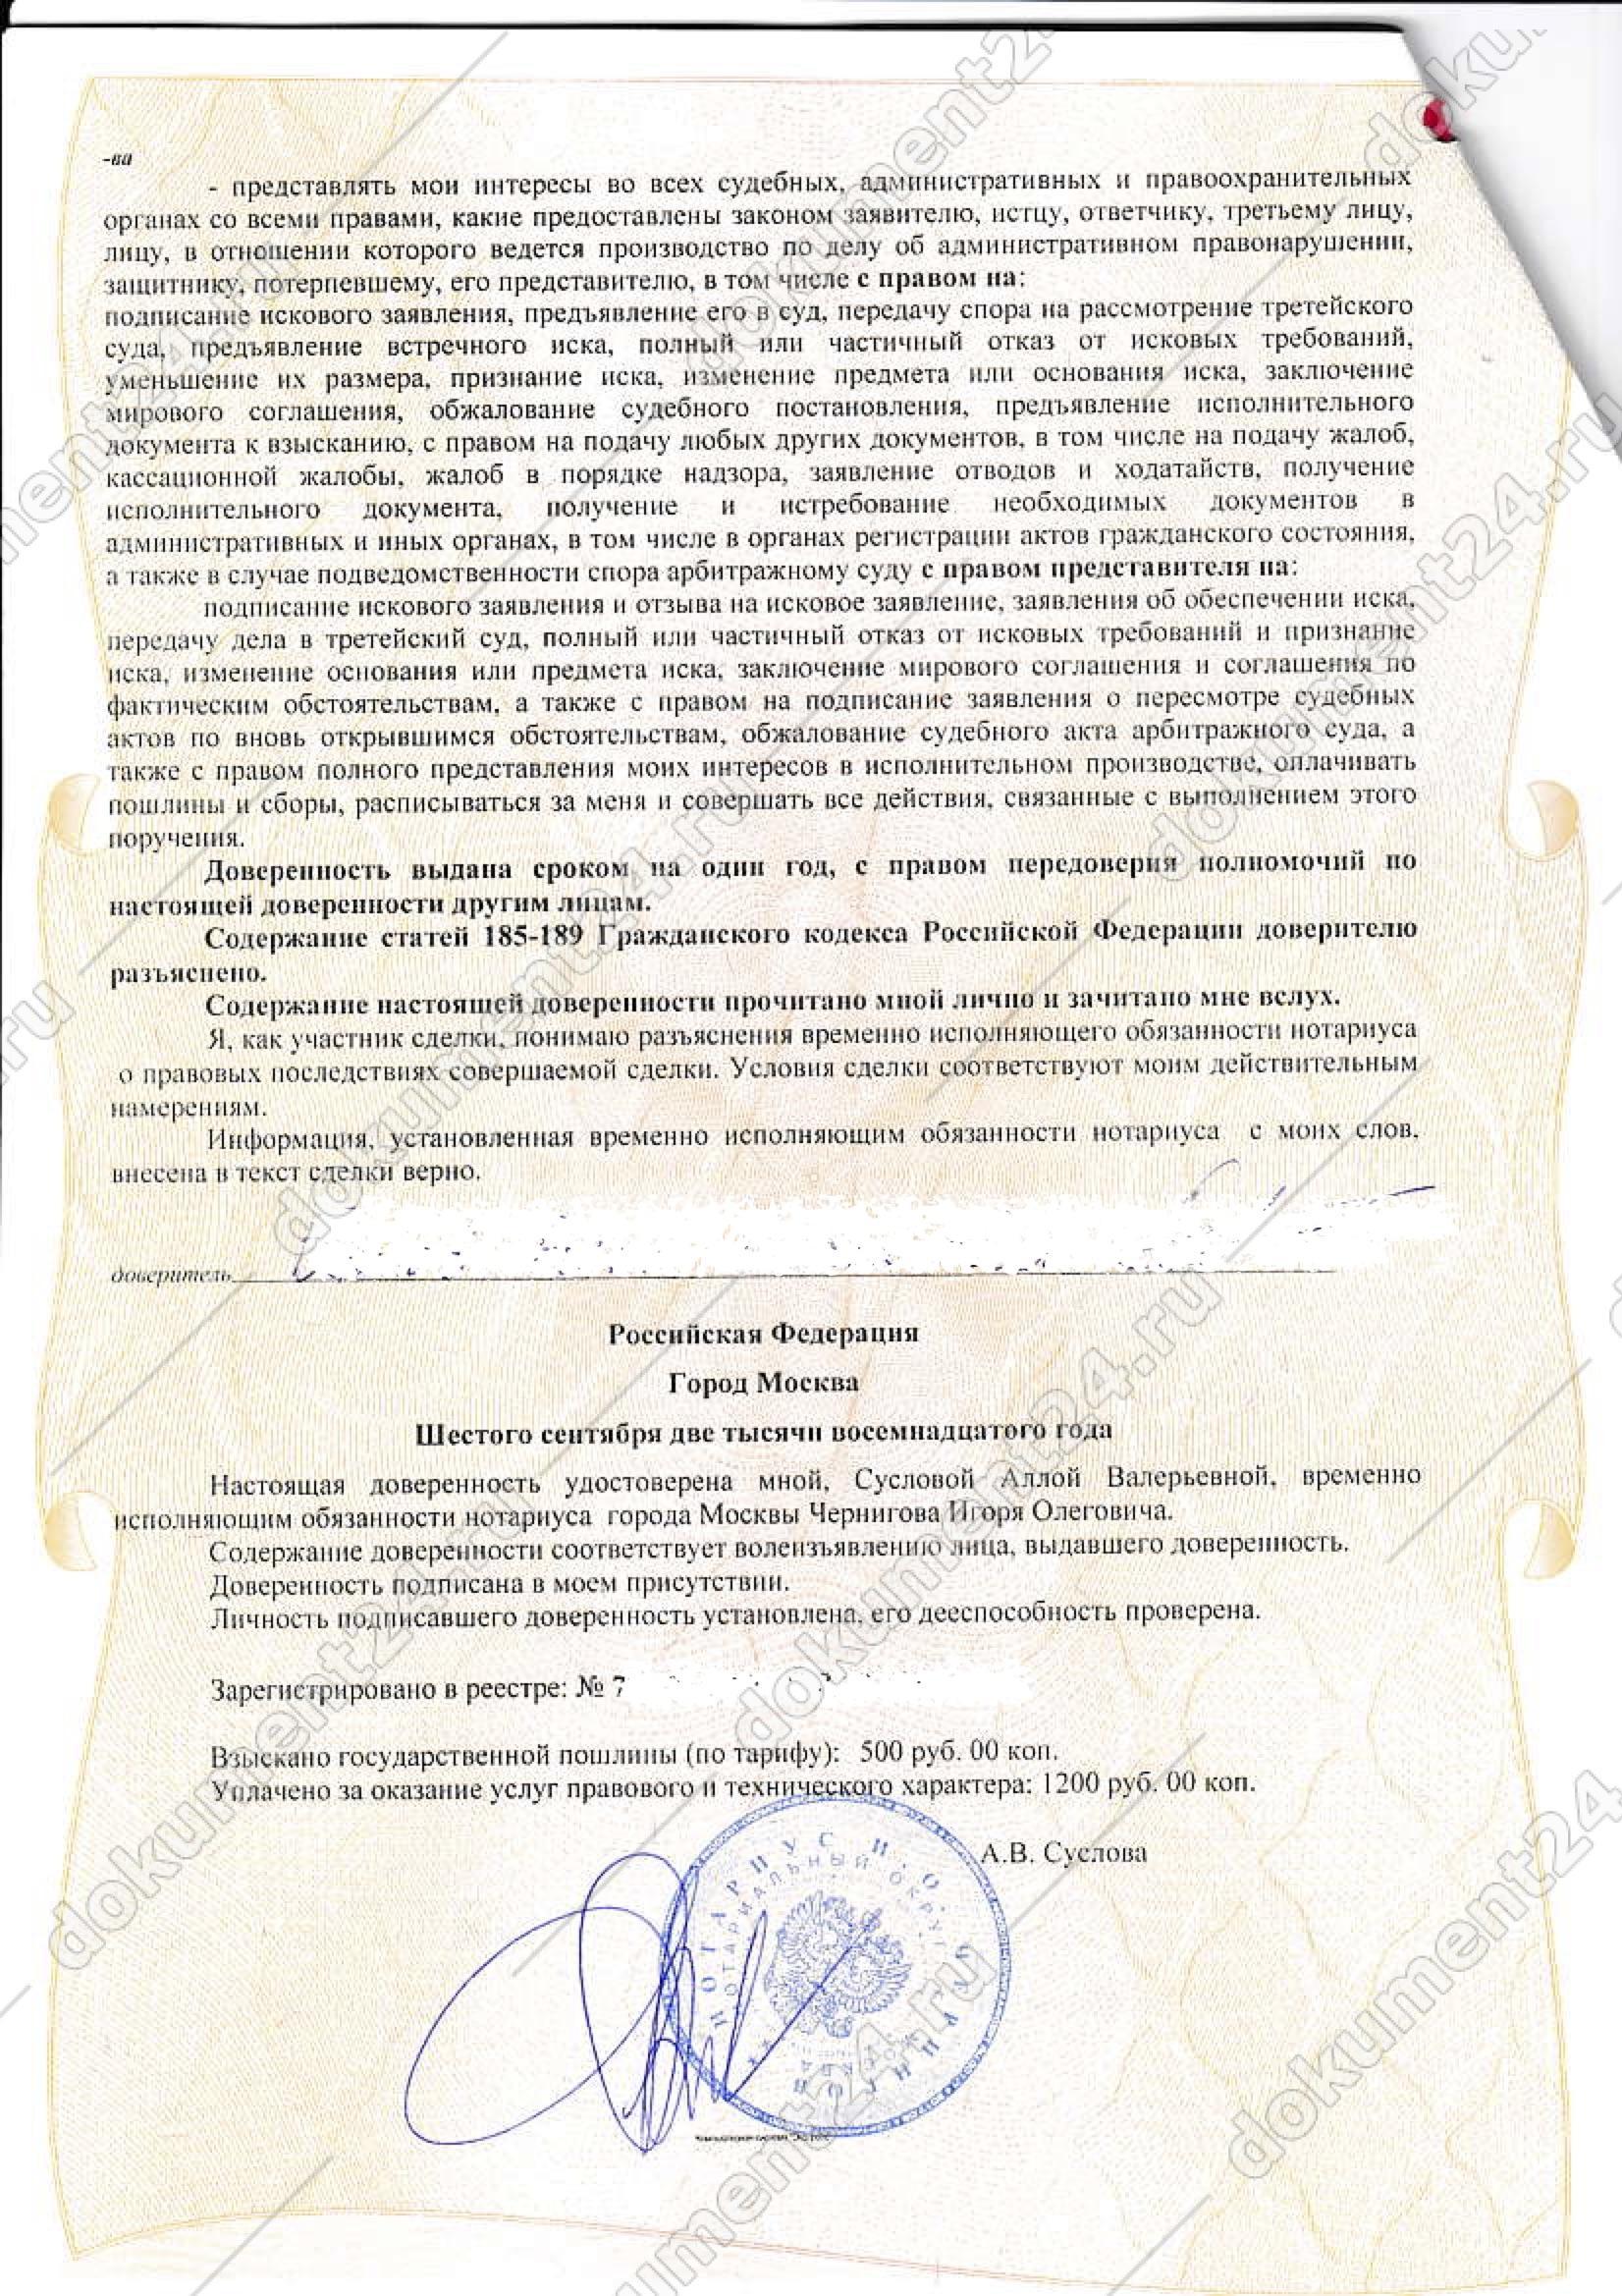 doverennost oae konsulskaya legalizatsiya